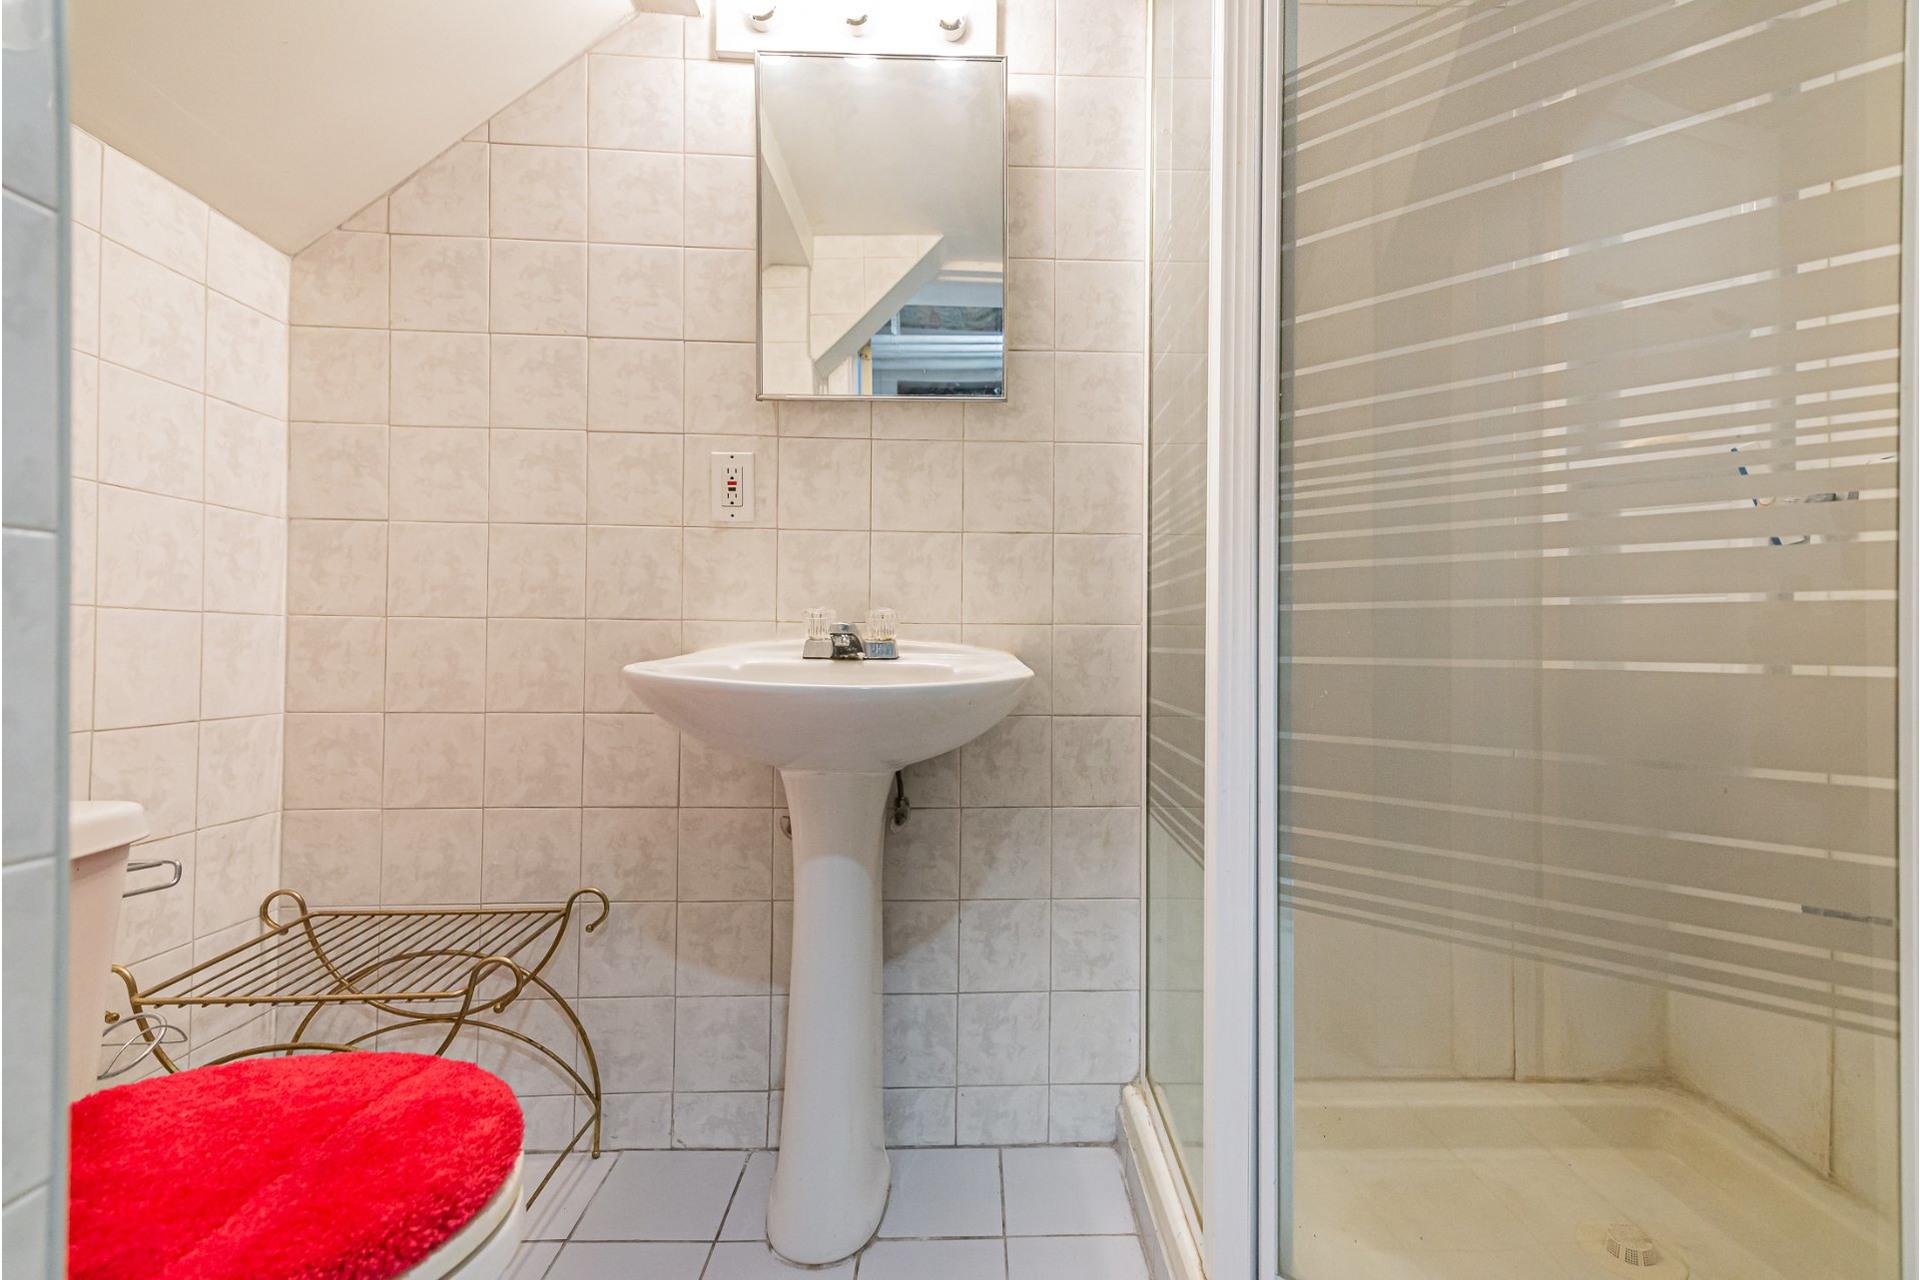 image 26 - Appartement À vendre Côte-des-Neiges/Notre-Dame-de-Grâce Montréal  - 7 pièces